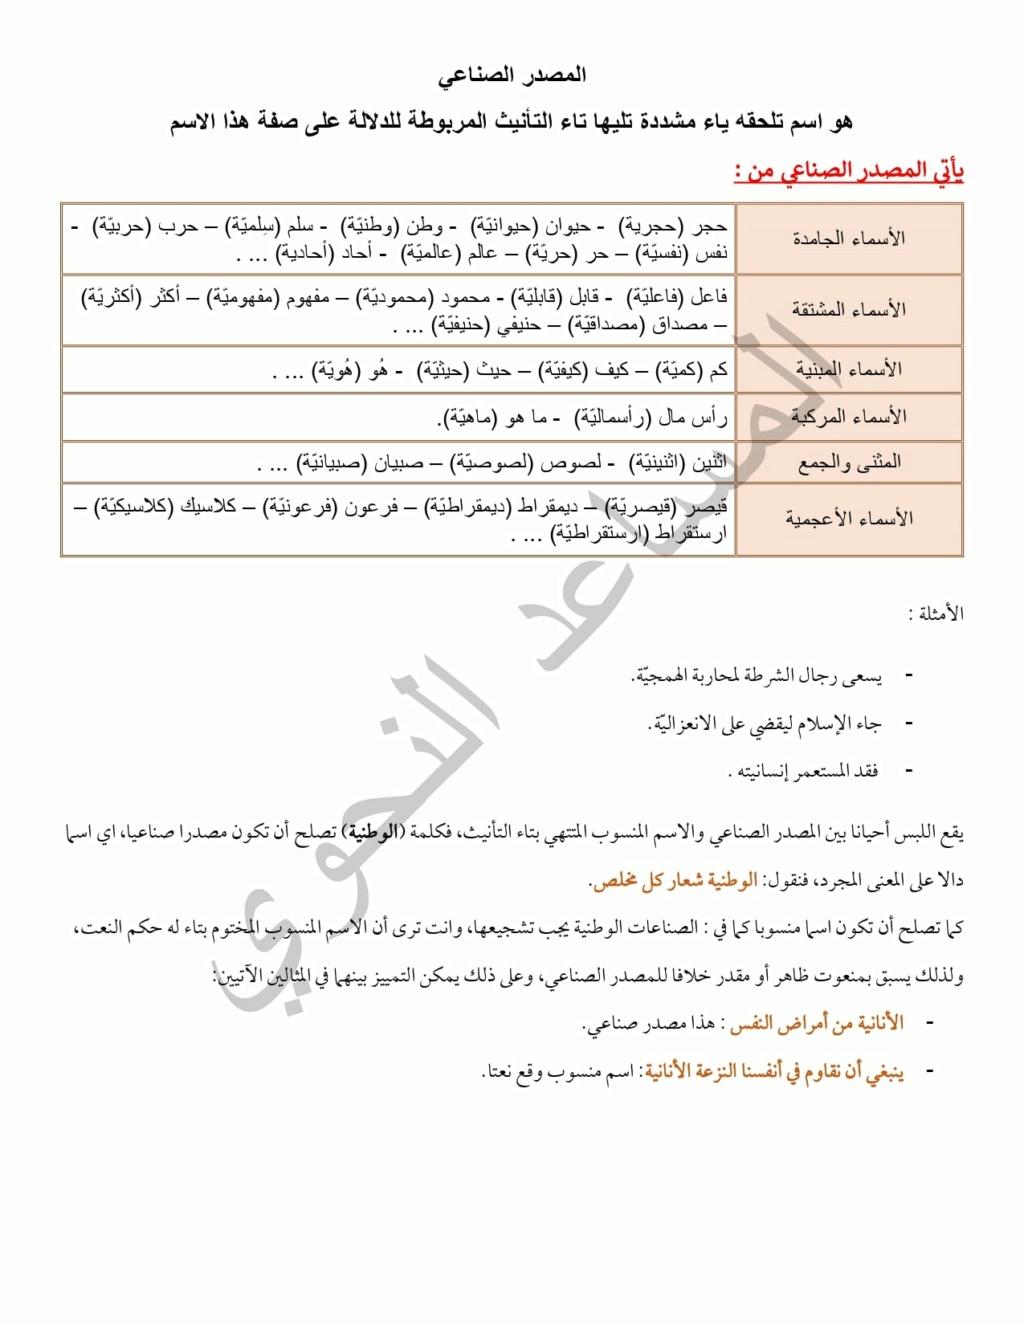 مراجعة المصدر الصناعي والمصدر الميمي للصفين الثاني والثالث الثانوي 611